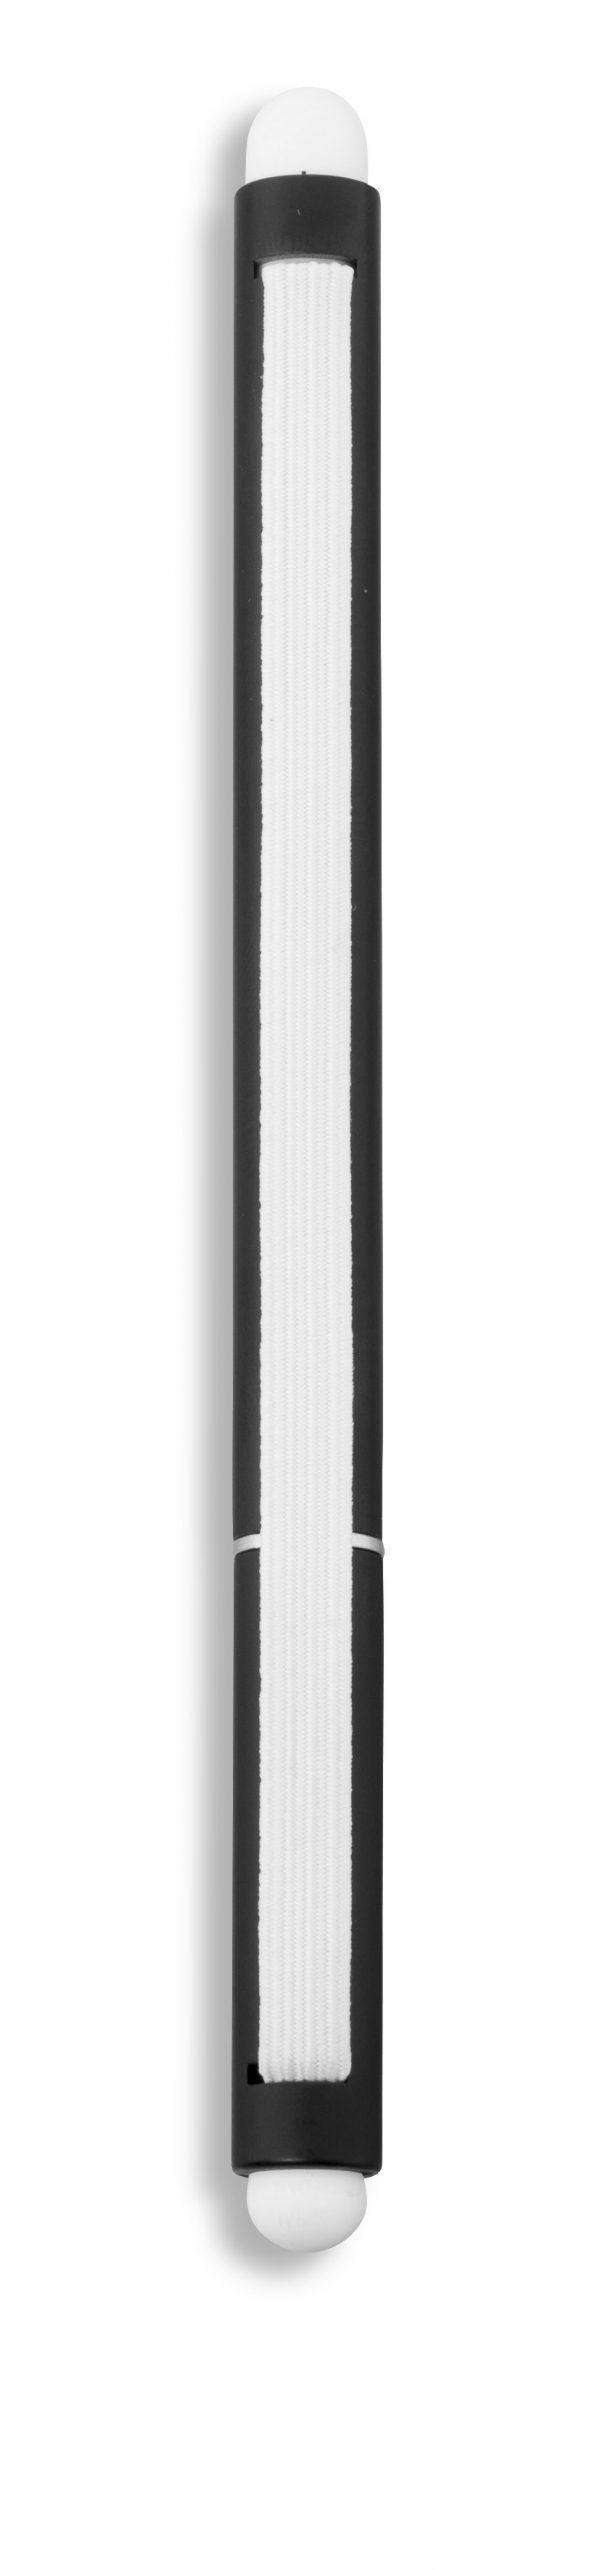 PEN-1840-SW